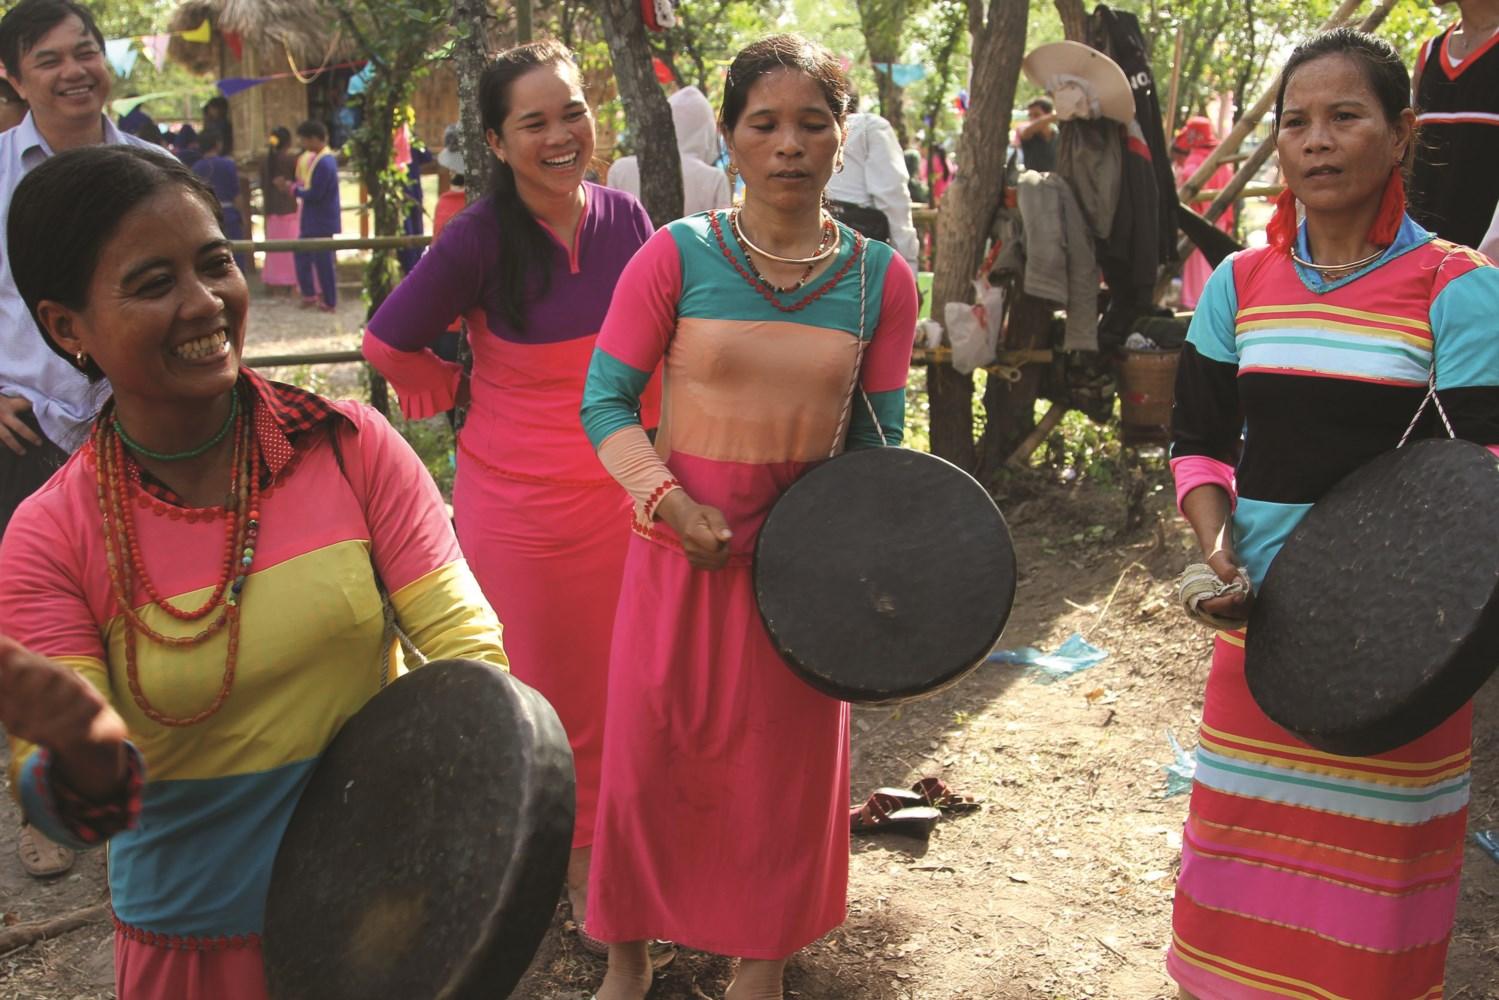 Trong cộng đồng người Raglai hiện nay không còn nhiều gia đình giữ được nhạc cụ mã la